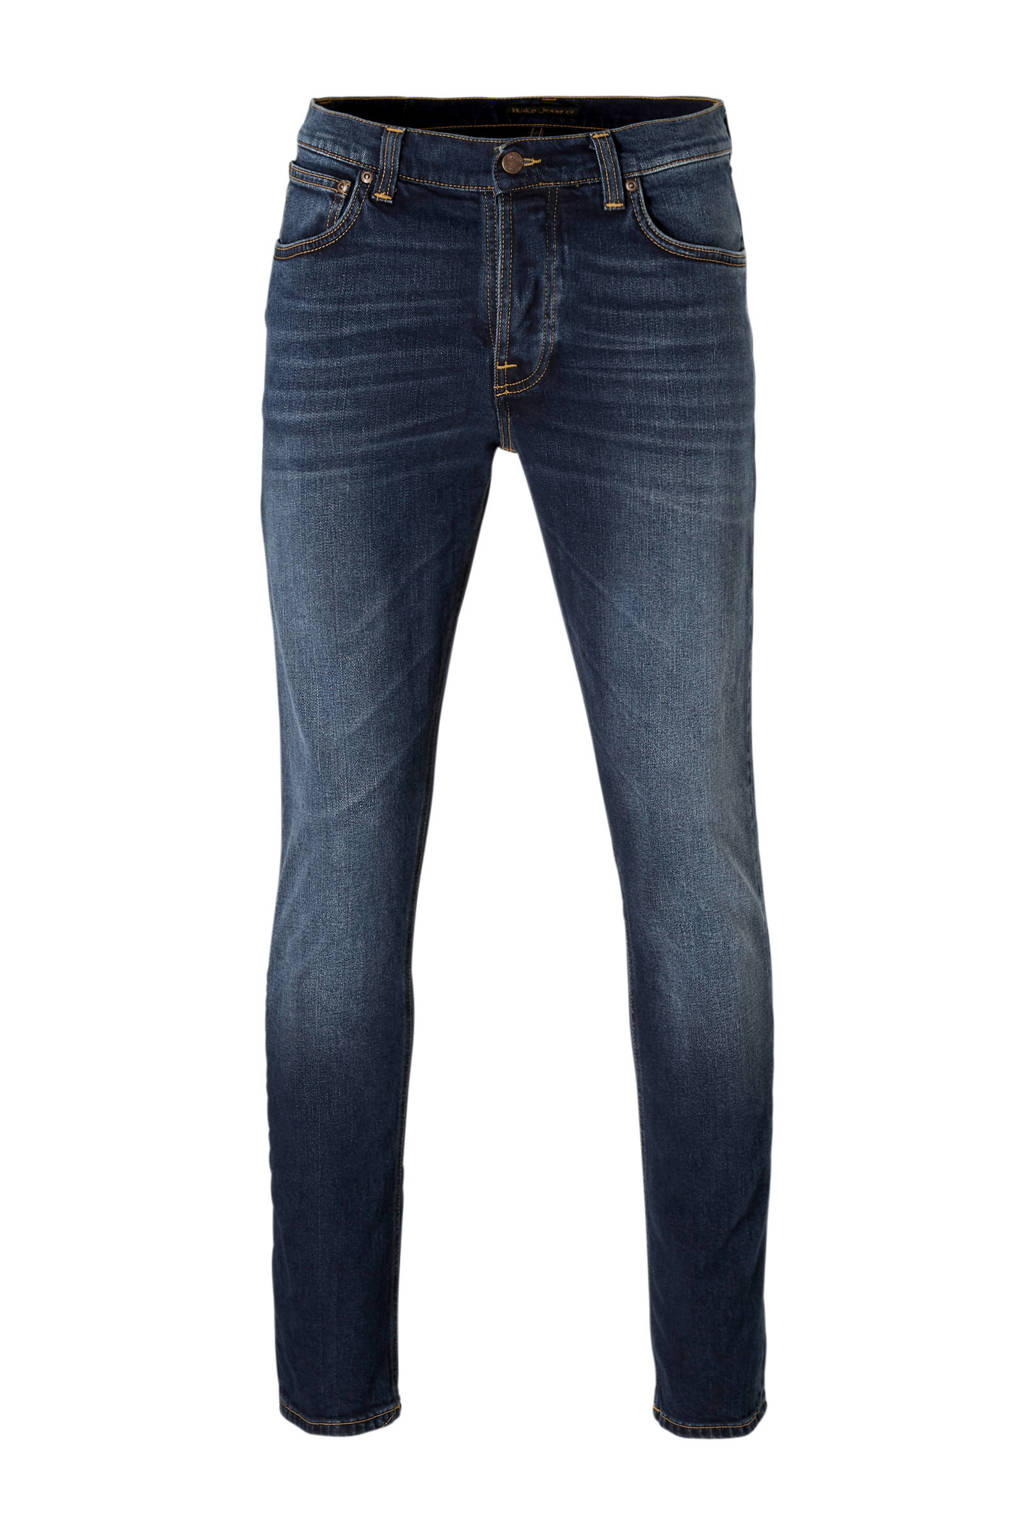 Nudie Jeans regular fit jeans Grim Tim, Dark denim